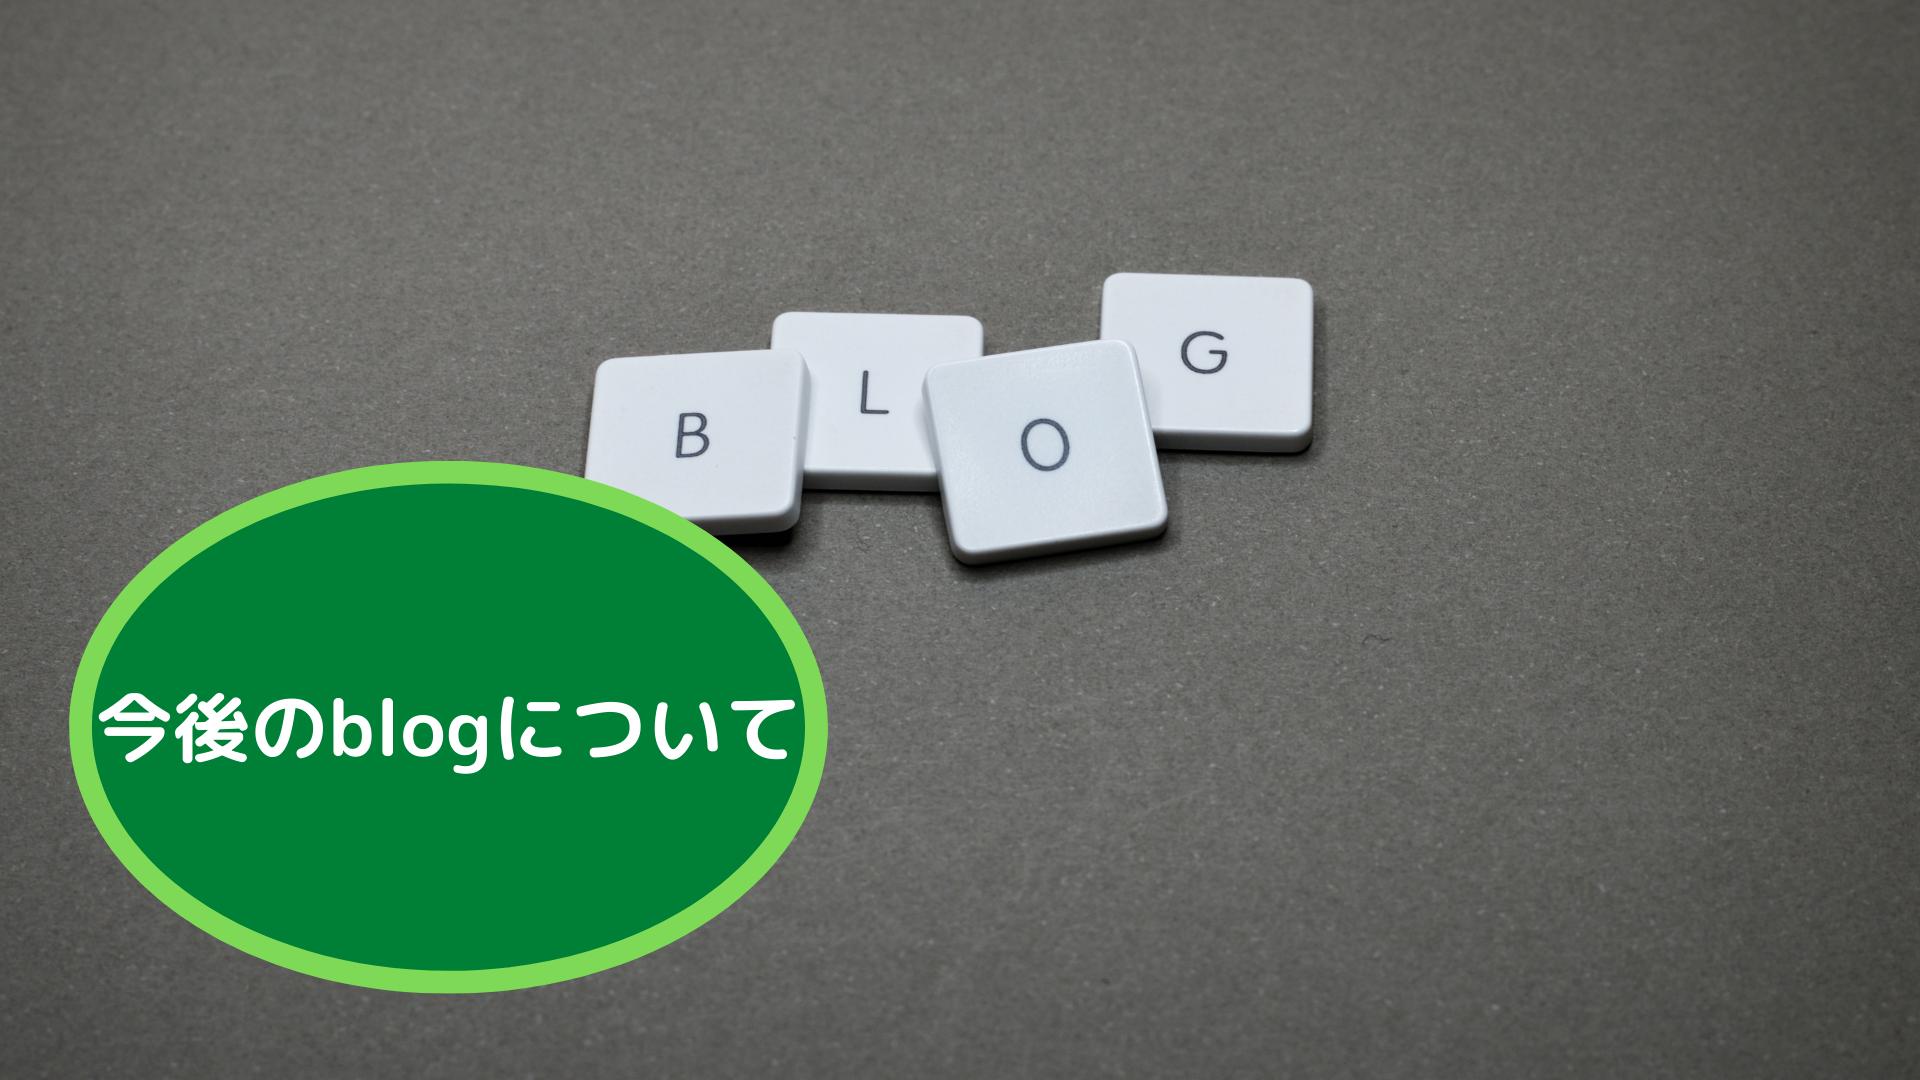 今後のblogについて